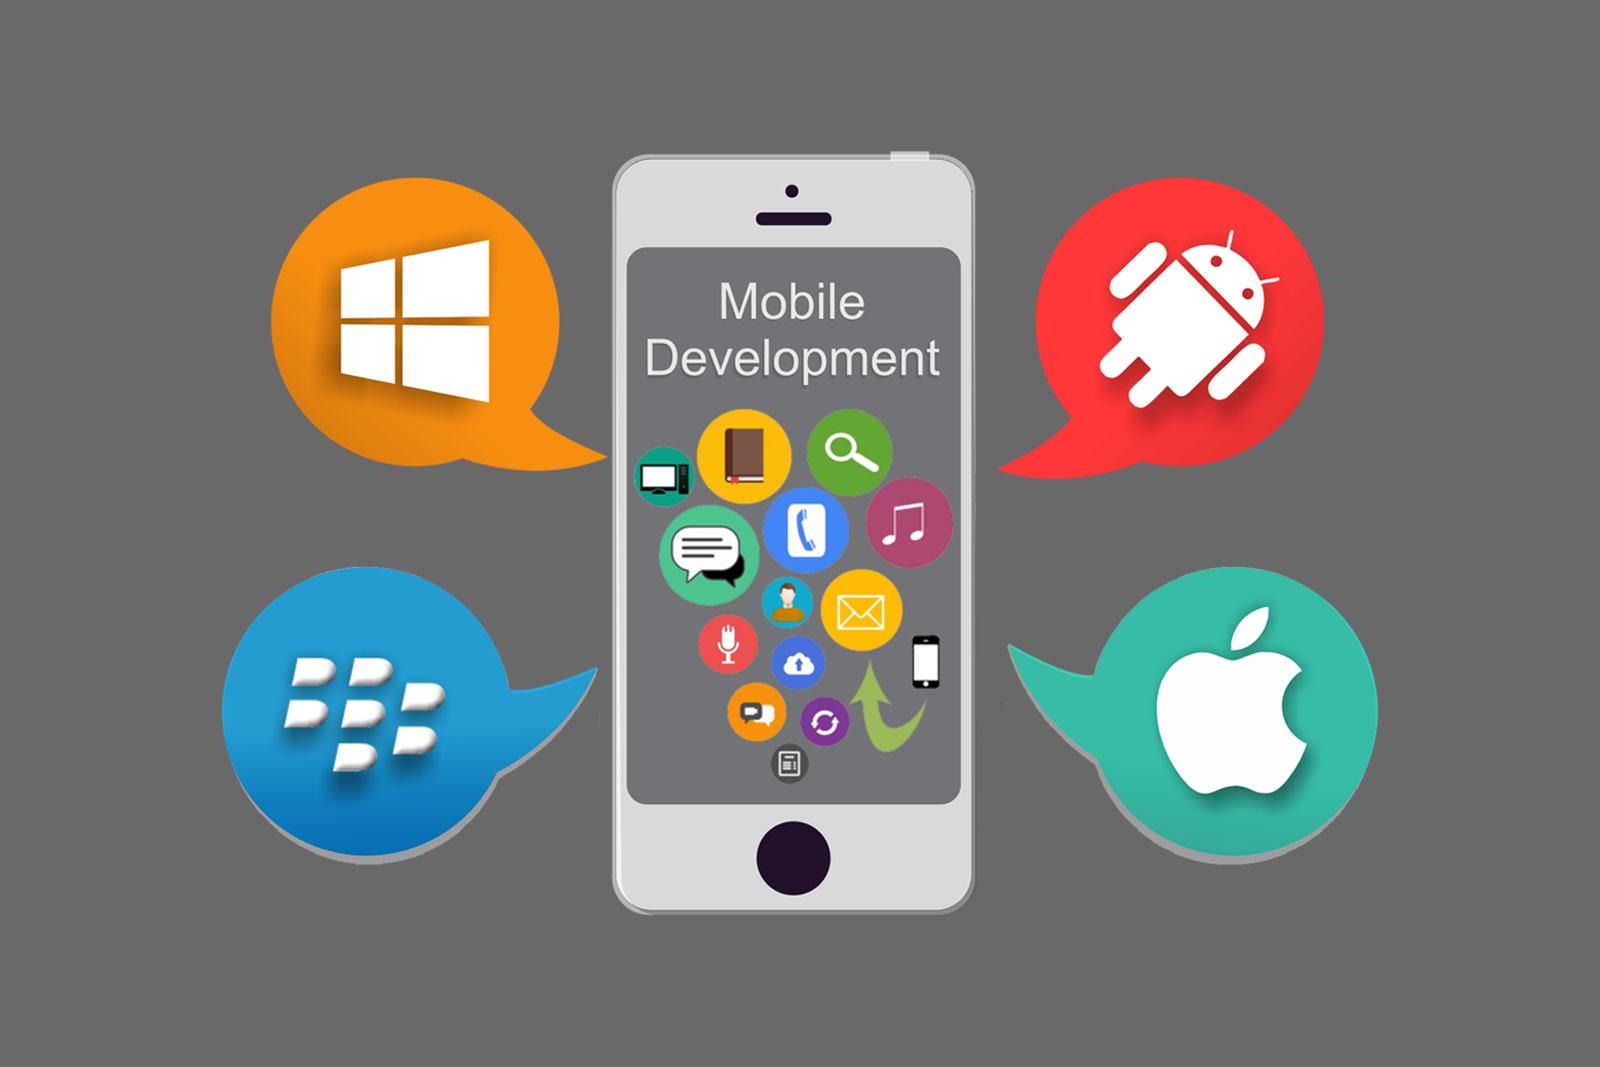 Xu thế phát triển ứng dụng di động 2018